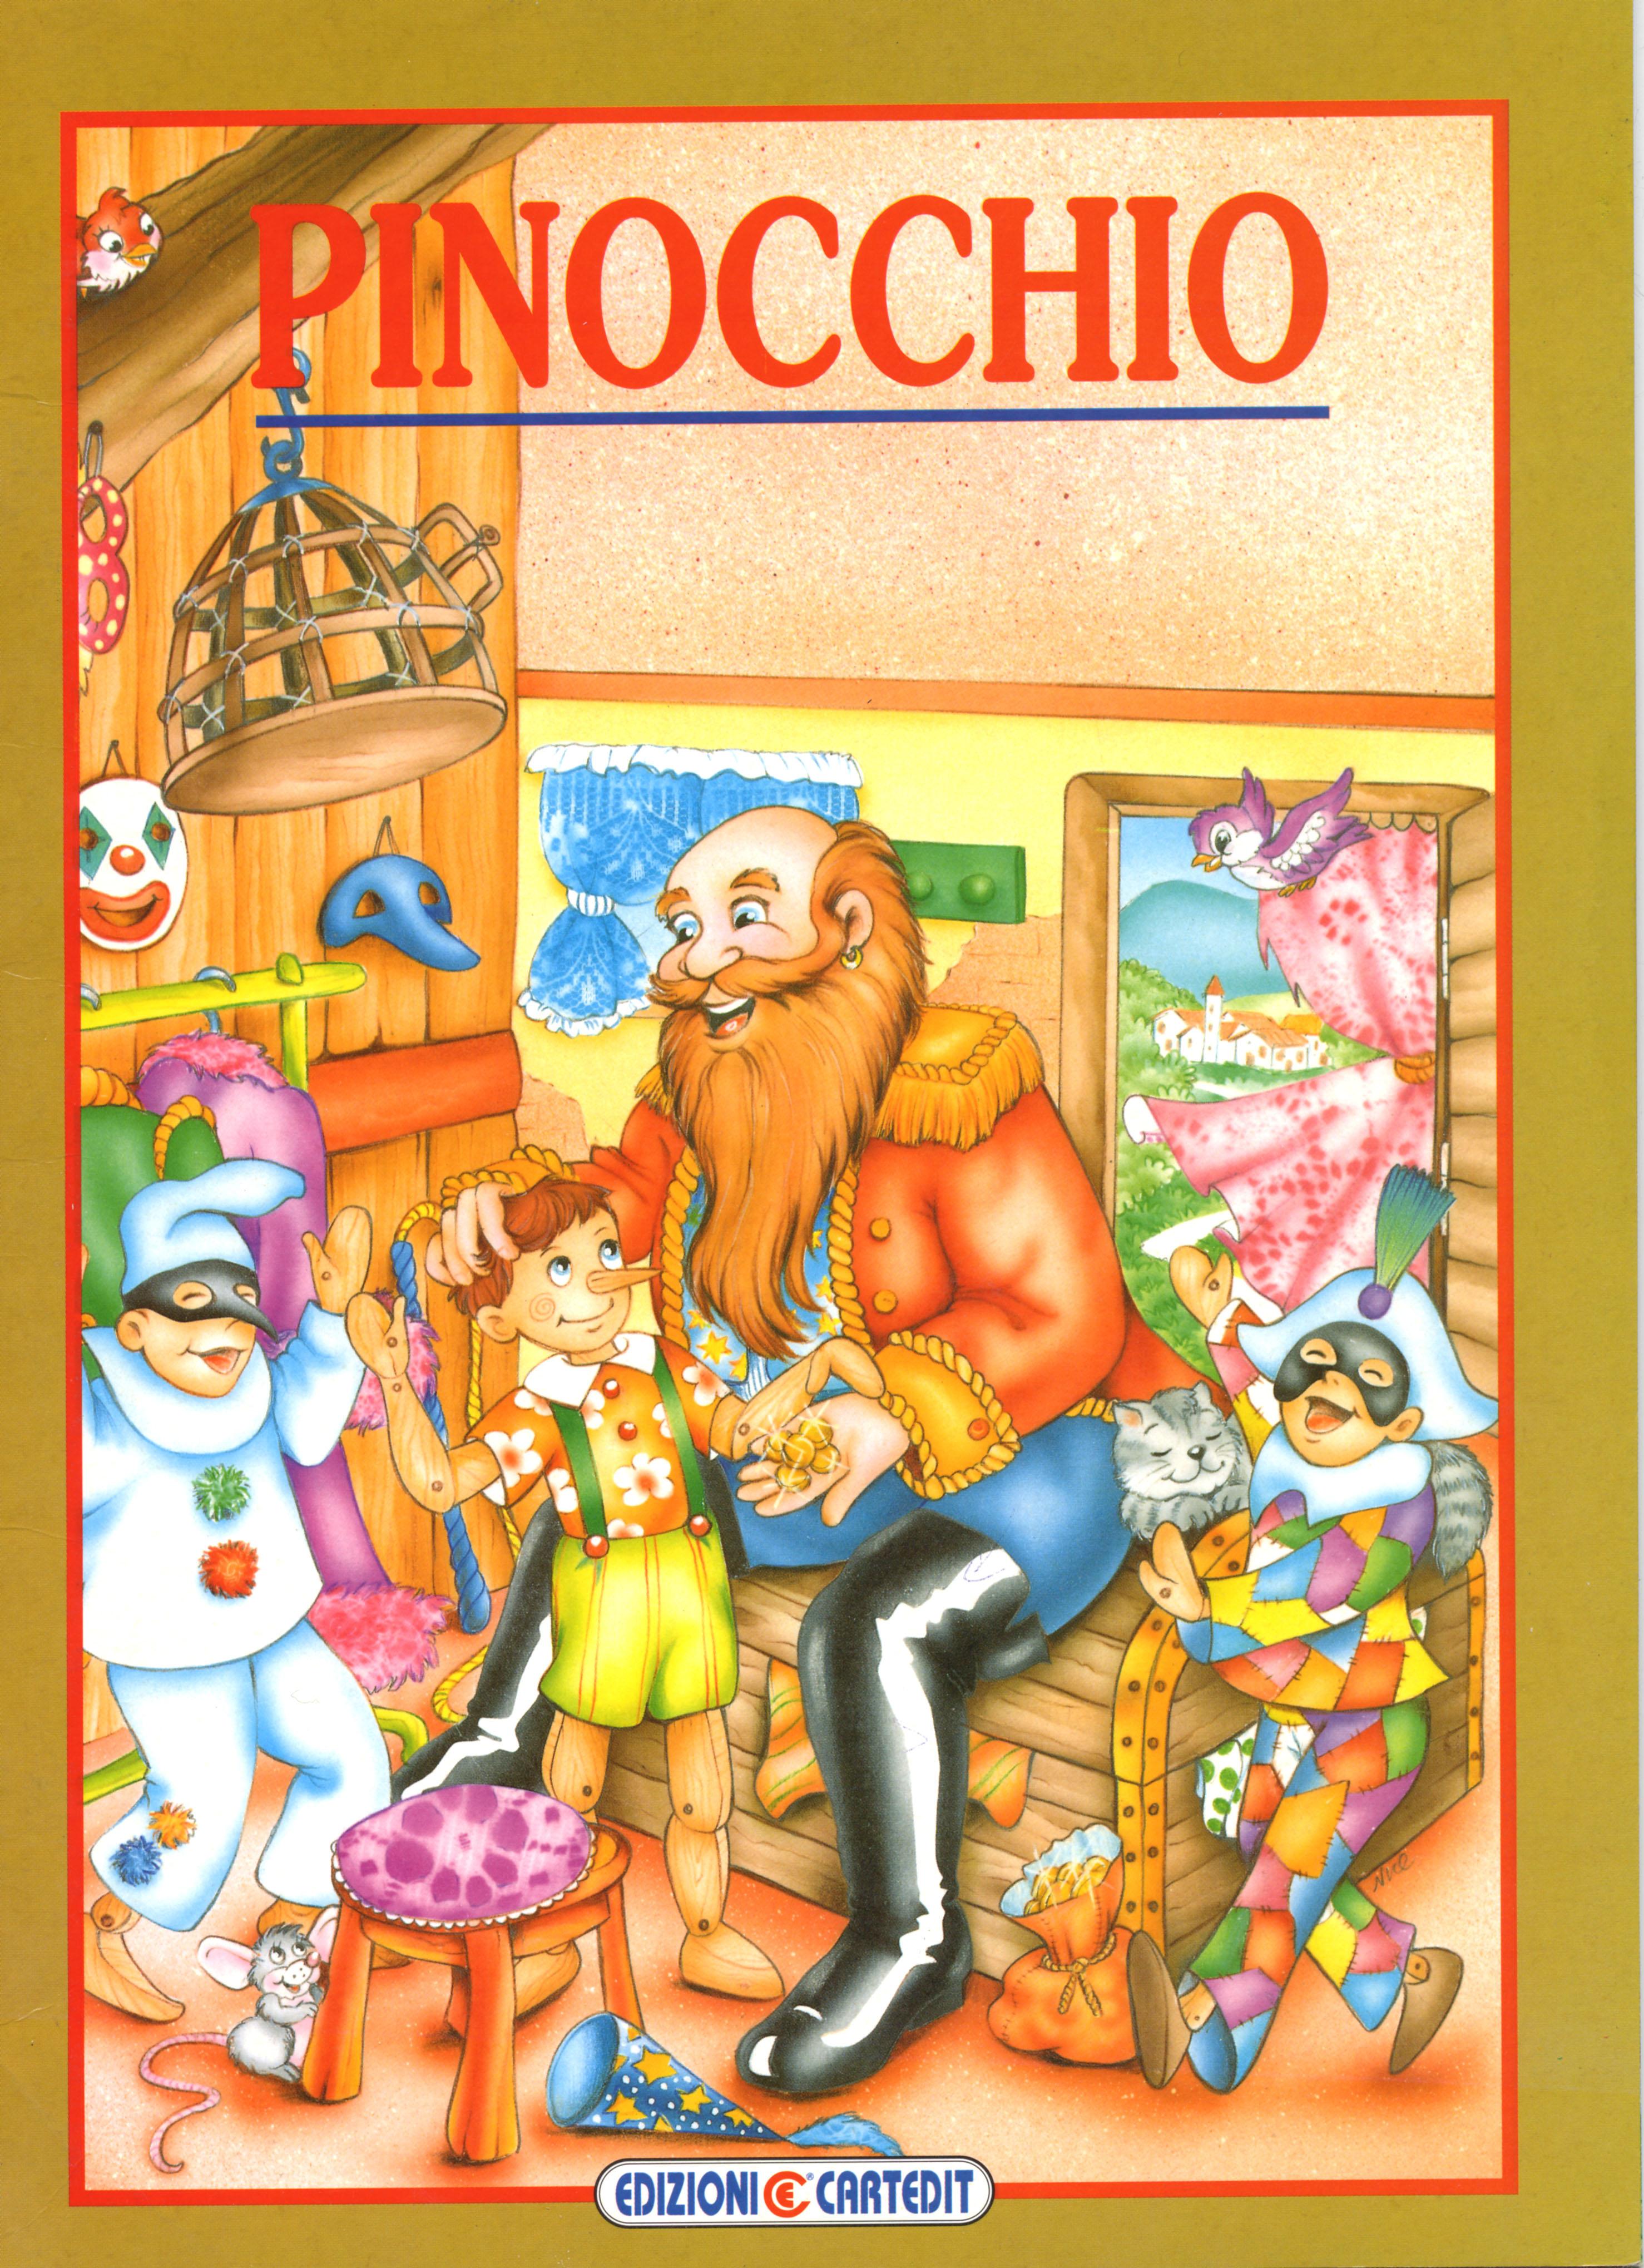 4Pinocchio